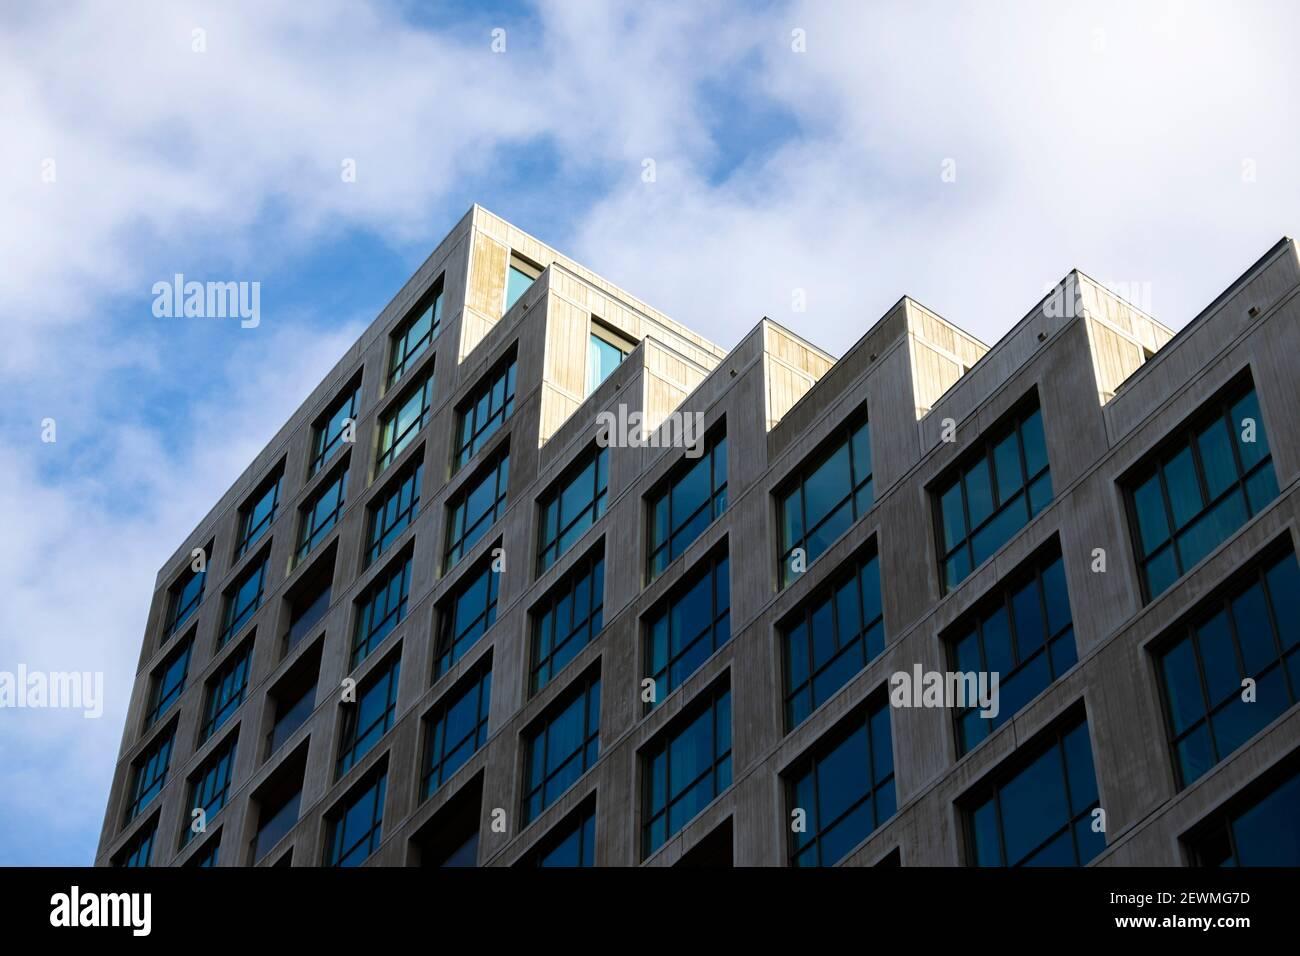 Architecture moderne à Strijp-S, Eindhoven, Pays-Bas, Europe. Banque D'Images